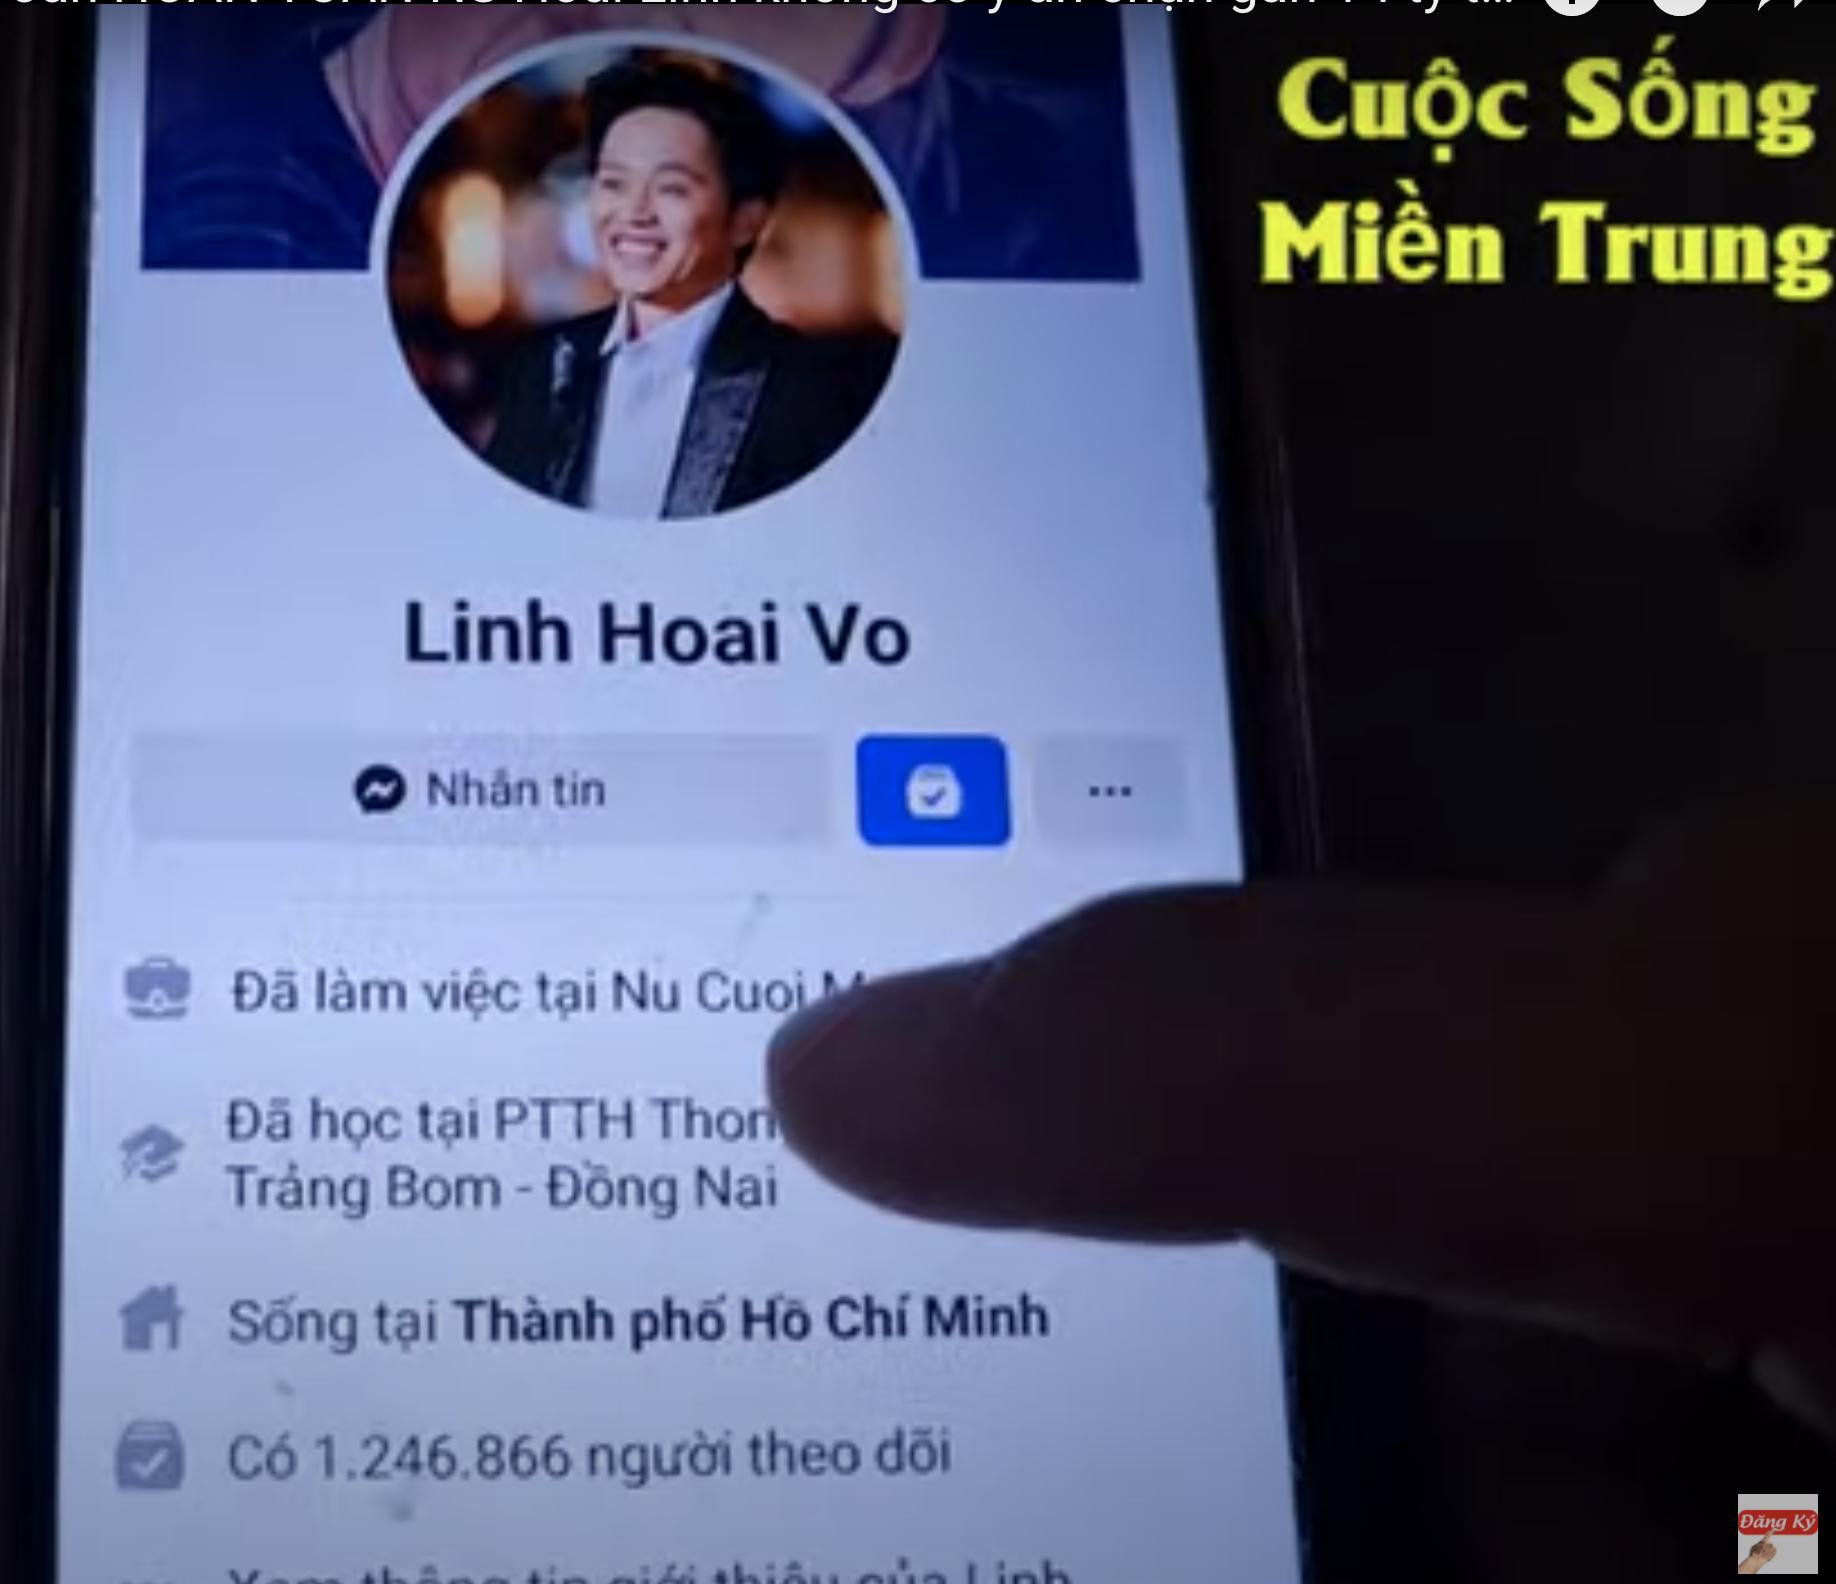 Người dân miền Trung tung tin nhắn với NS Hoài Linh, làm rõ lý do kêu gọi và số tiền 700 triệu: Cái dở của chú là có lý do chính đáng mà không nói - Ảnh 7.